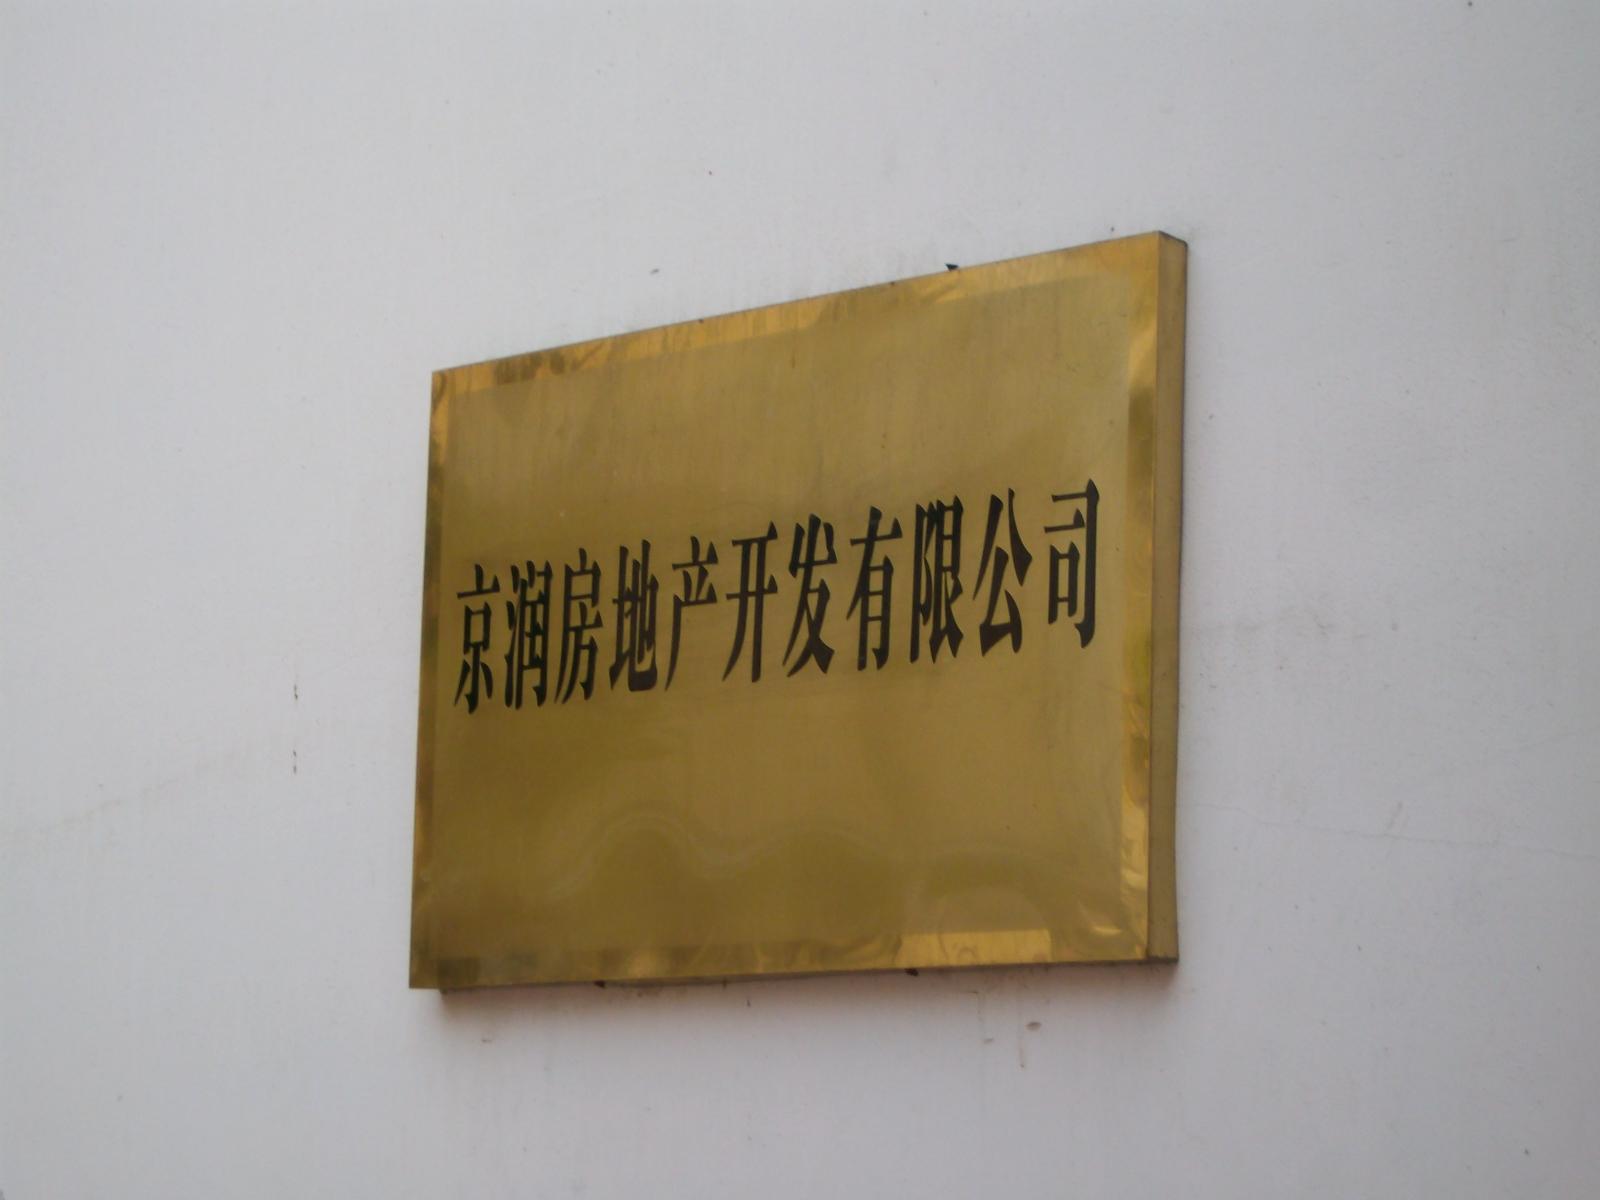 亚博88app市京润房地产开发公司